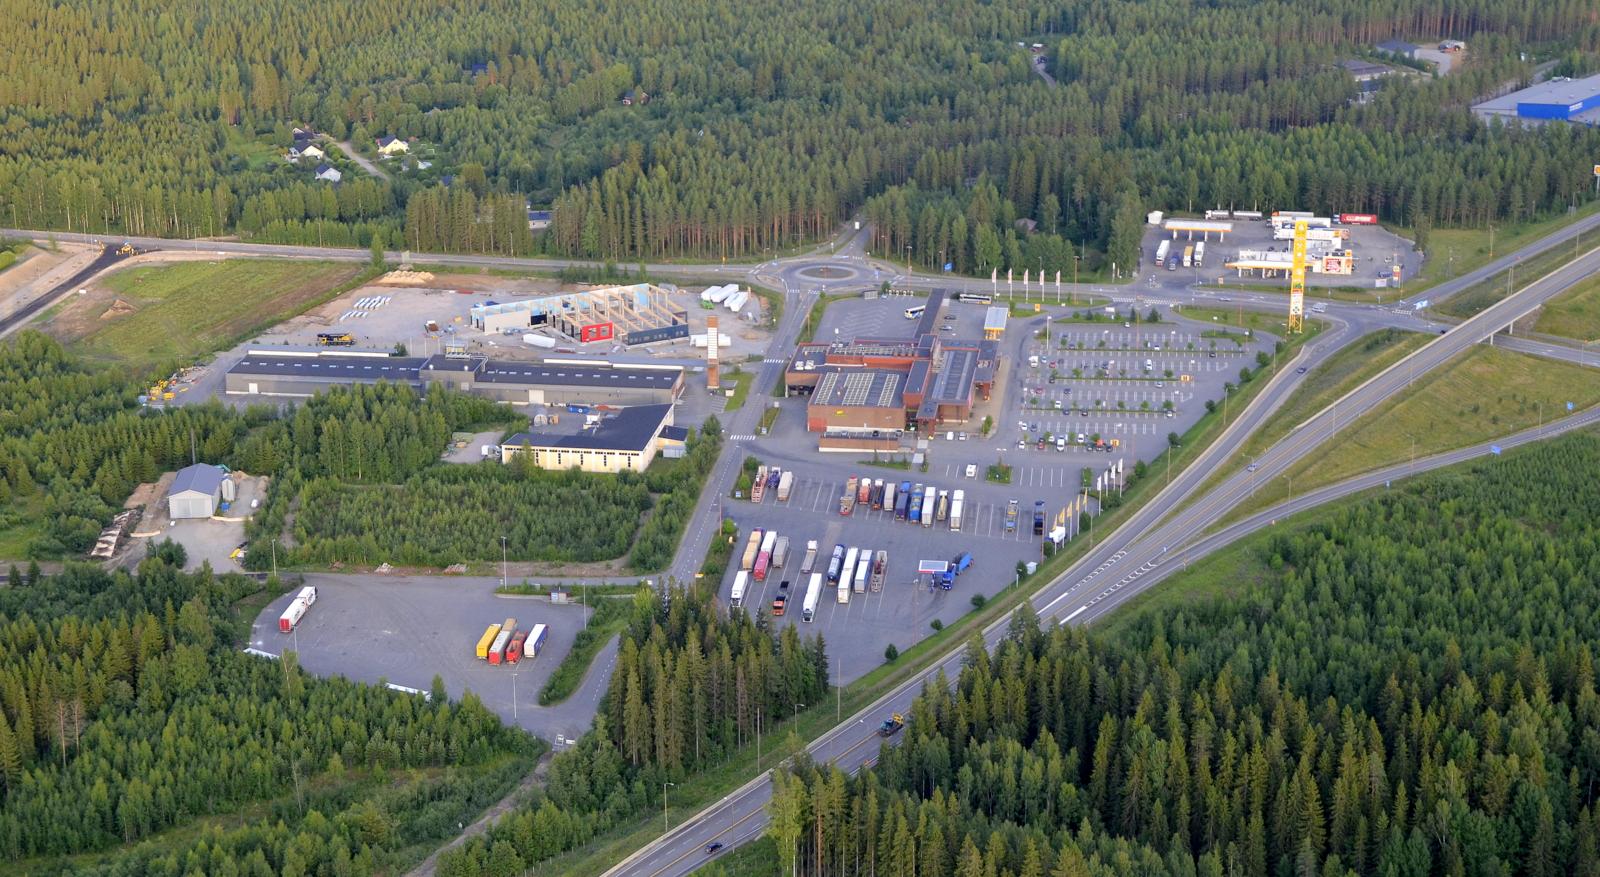 Heavy Center Hirvaskangas oy:n rakennus harjakorkeudessa Spektrin vieressä.